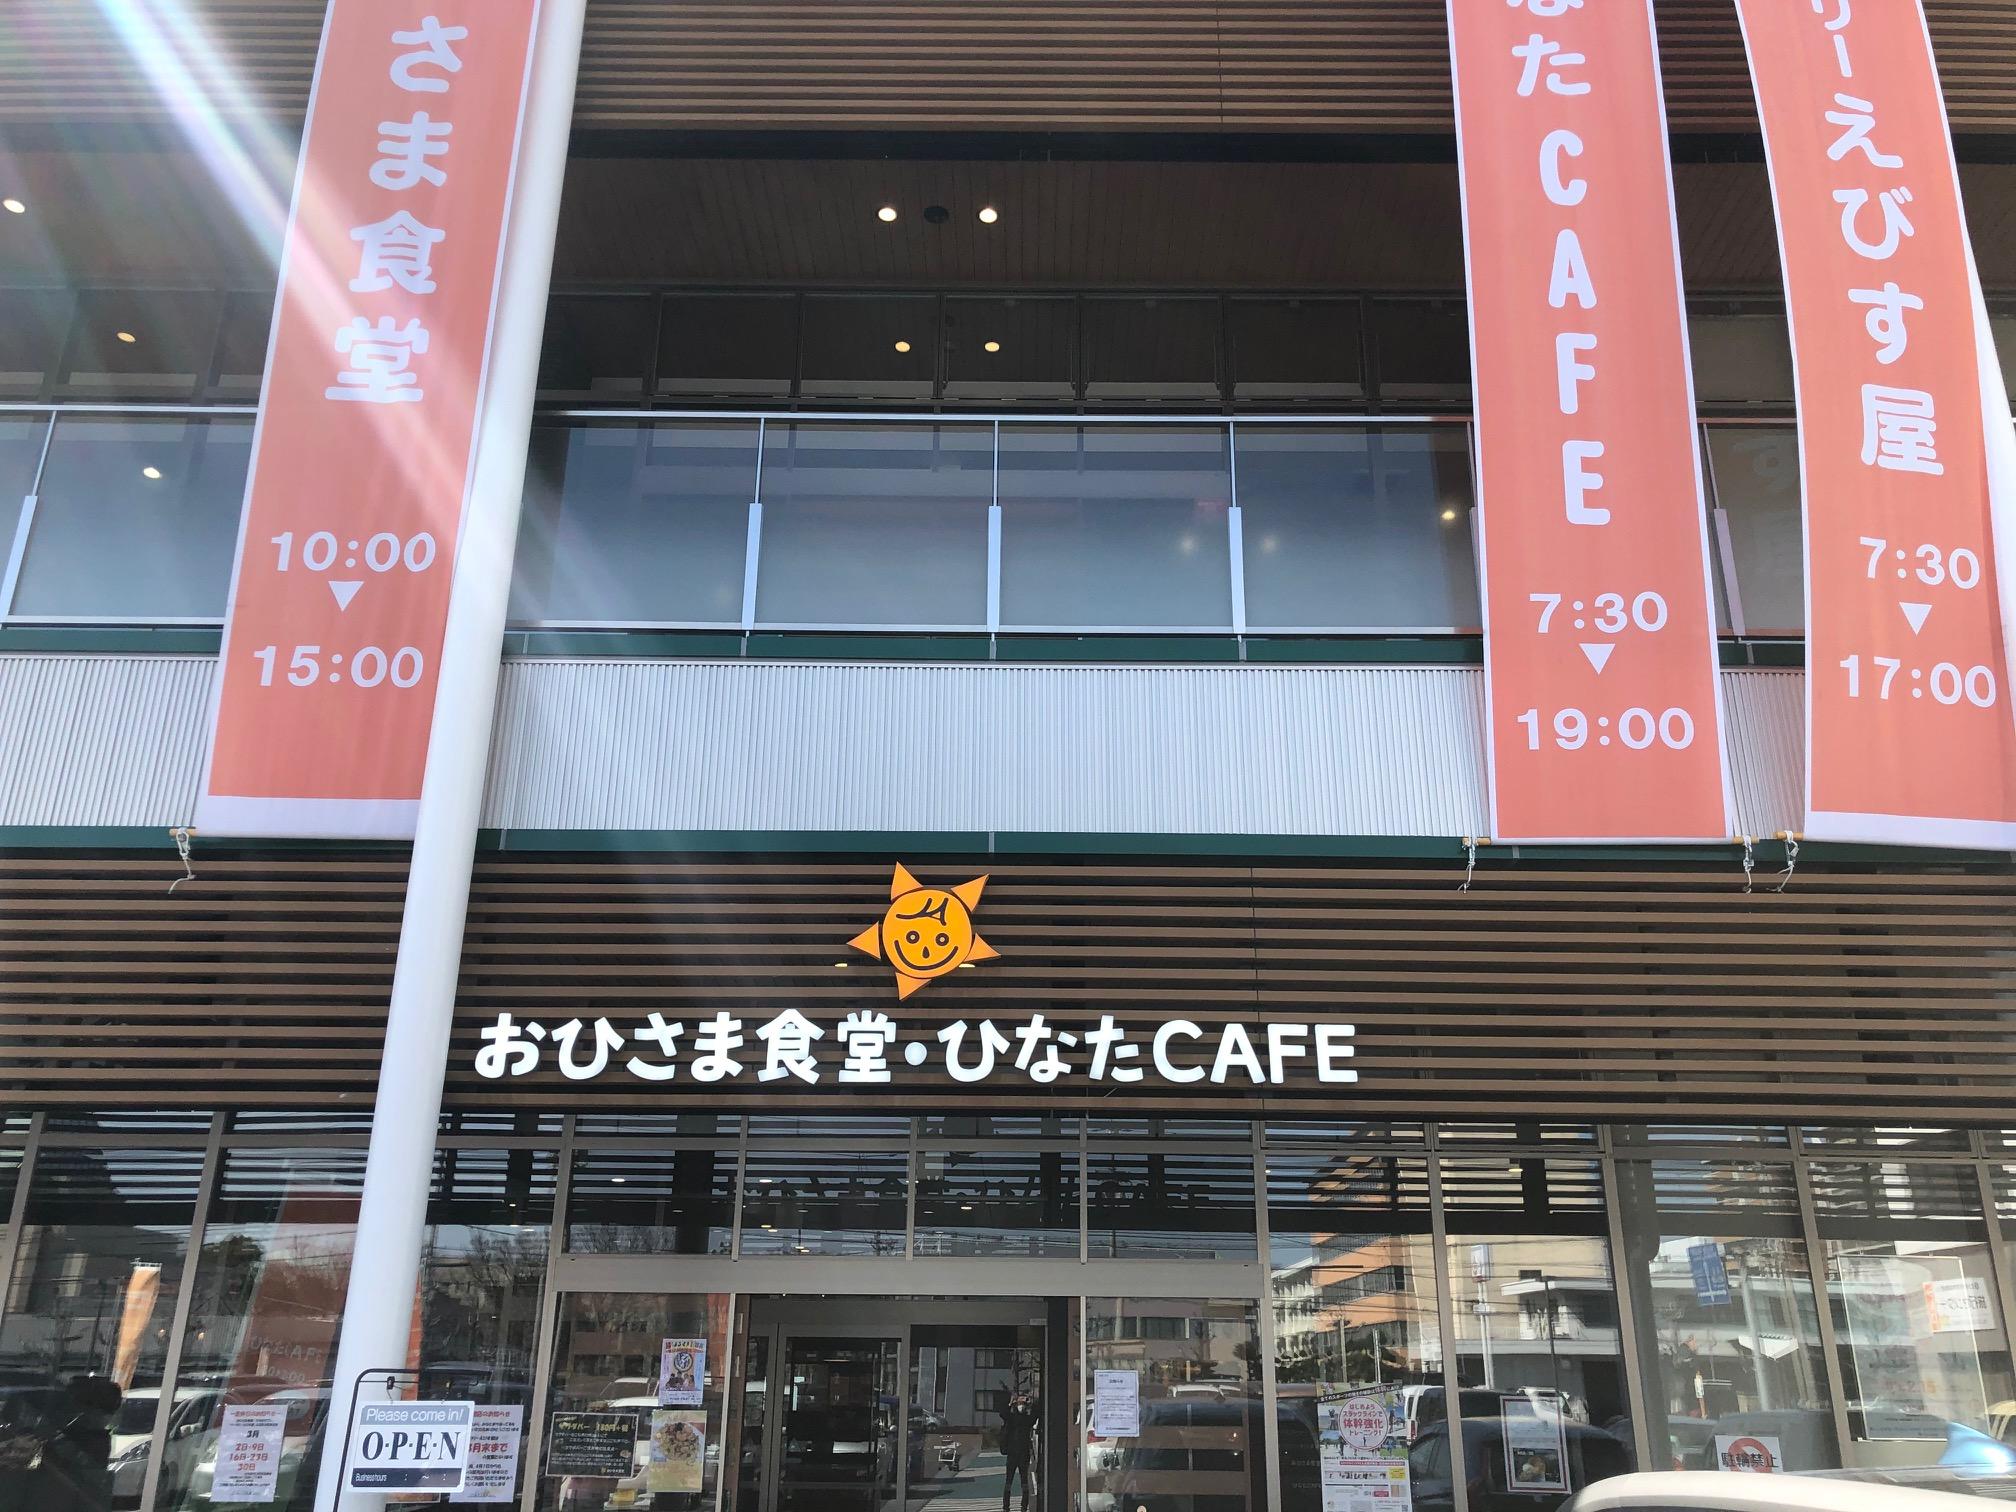 【松山市駅店】みなとまちまってる おひさま食堂